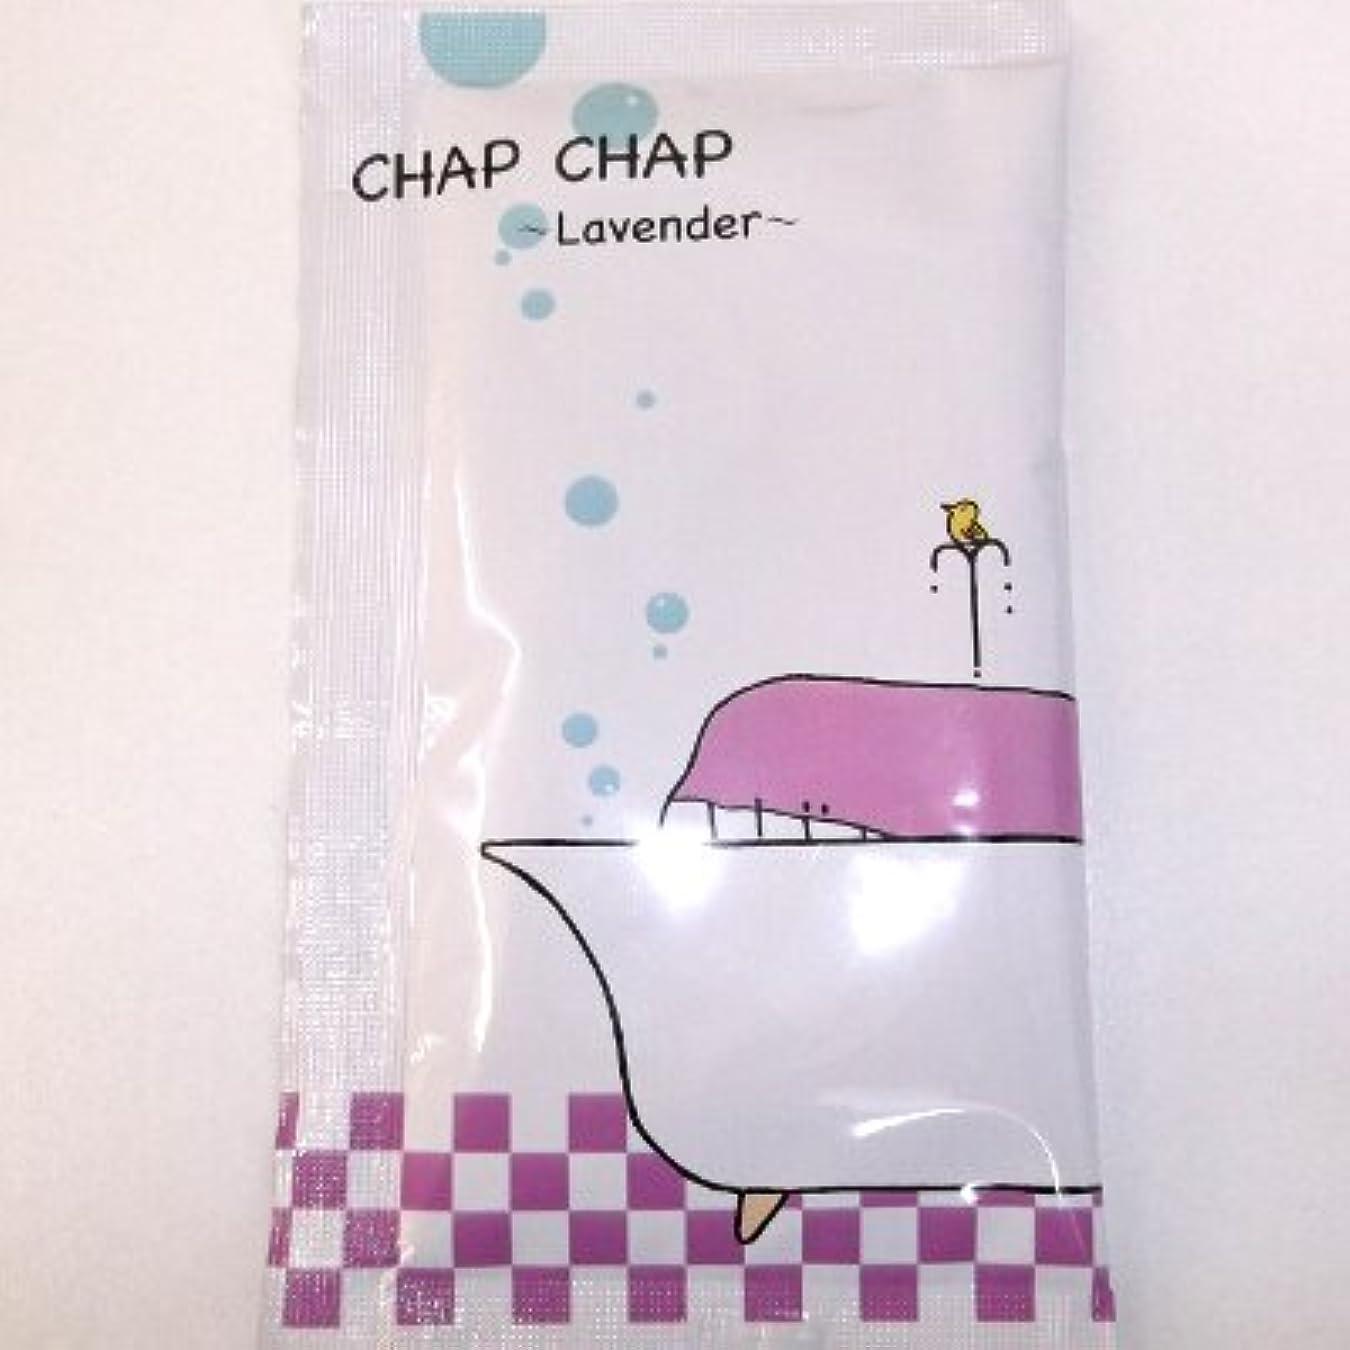 限定哲学者十代の若者たちCHAP CHAP ラベンダーオイルの香り